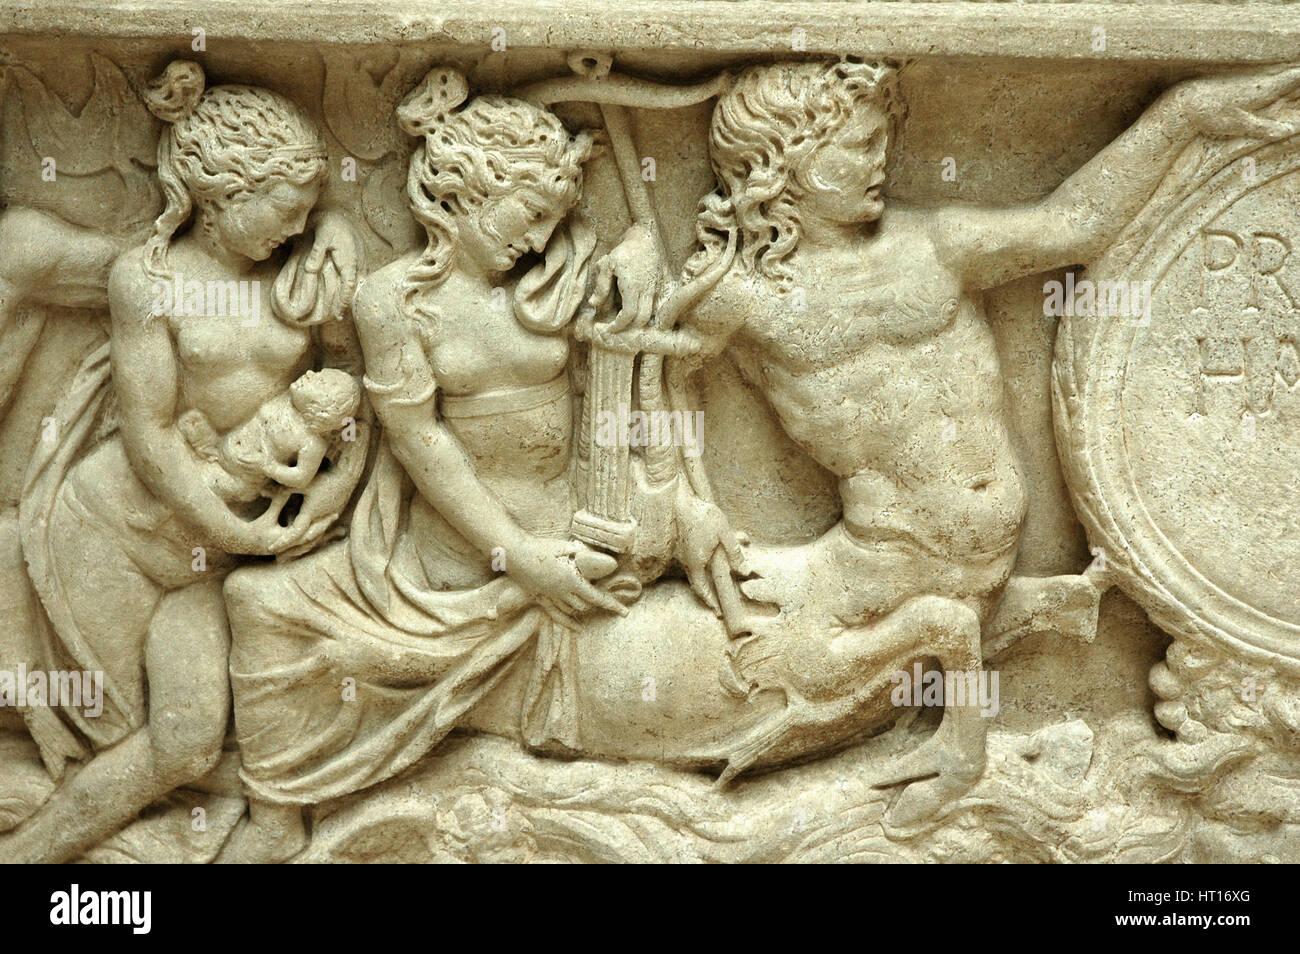 7e2cc75870 El alivio de un sarcófago representando un centauro. Cultura  La Romana.  Línea de crédito  Werner forman Archive